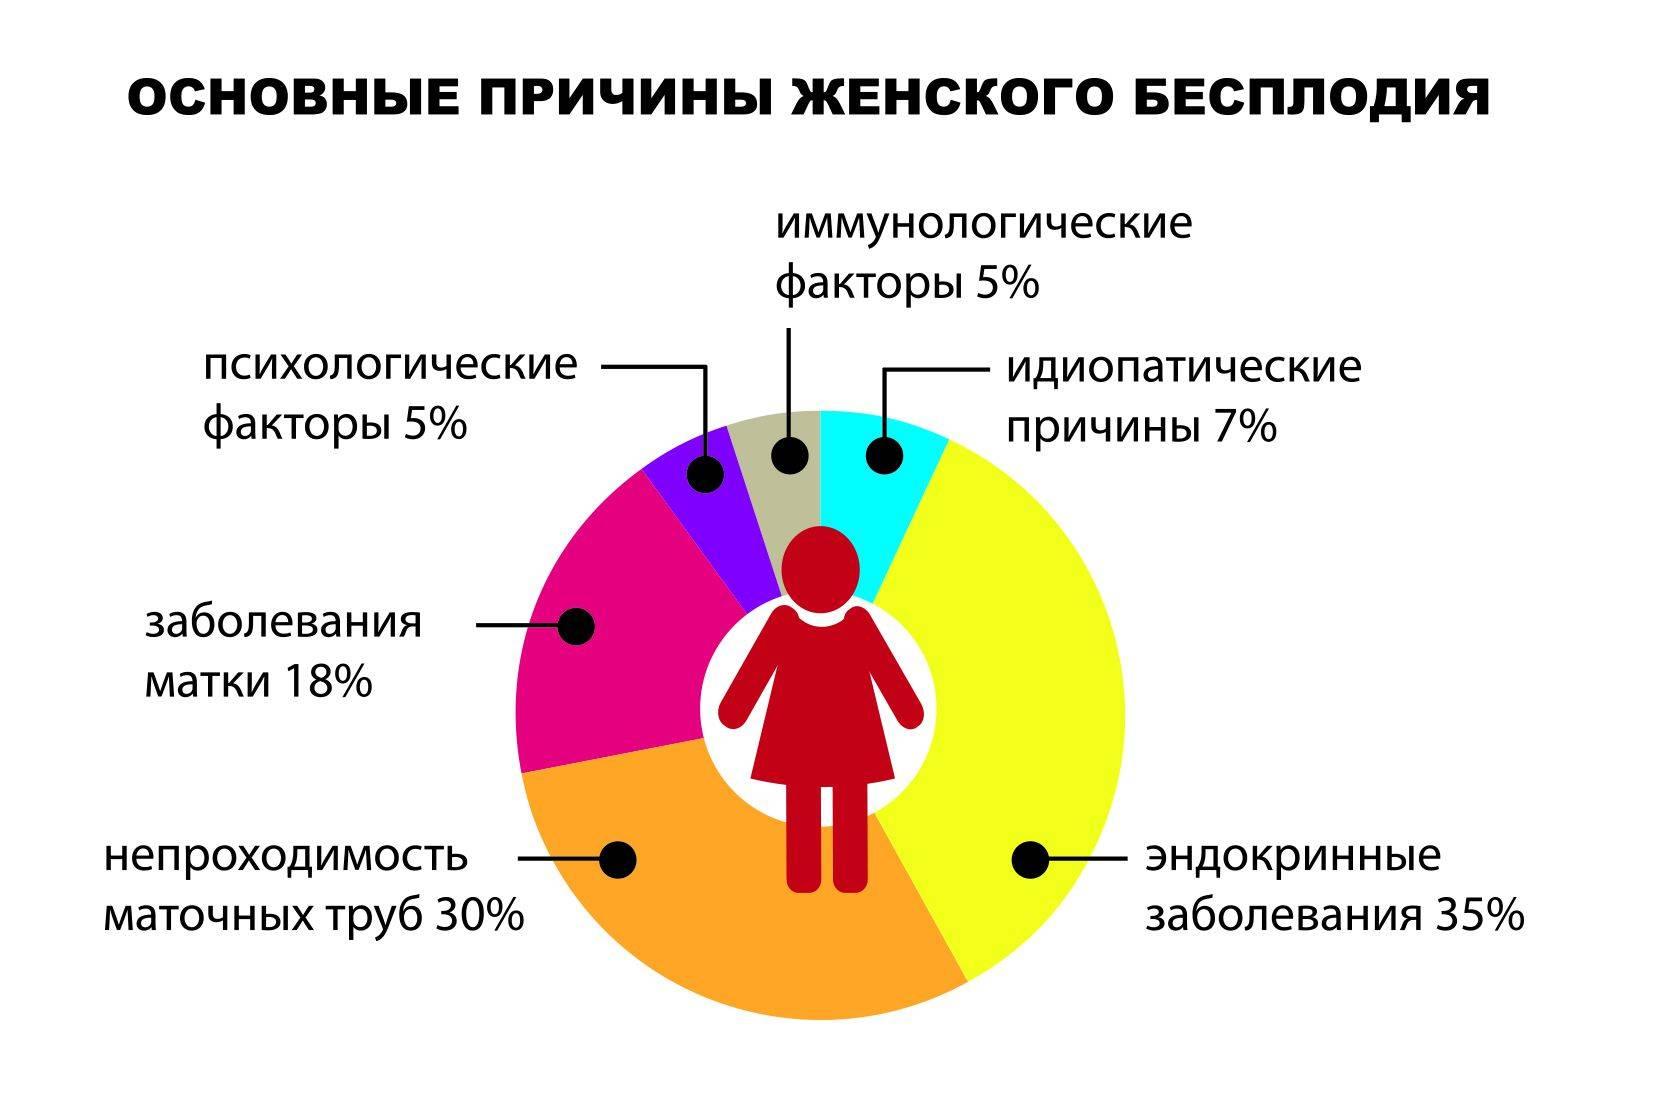 Как узнать в домашних условиях бесплодие мужчины